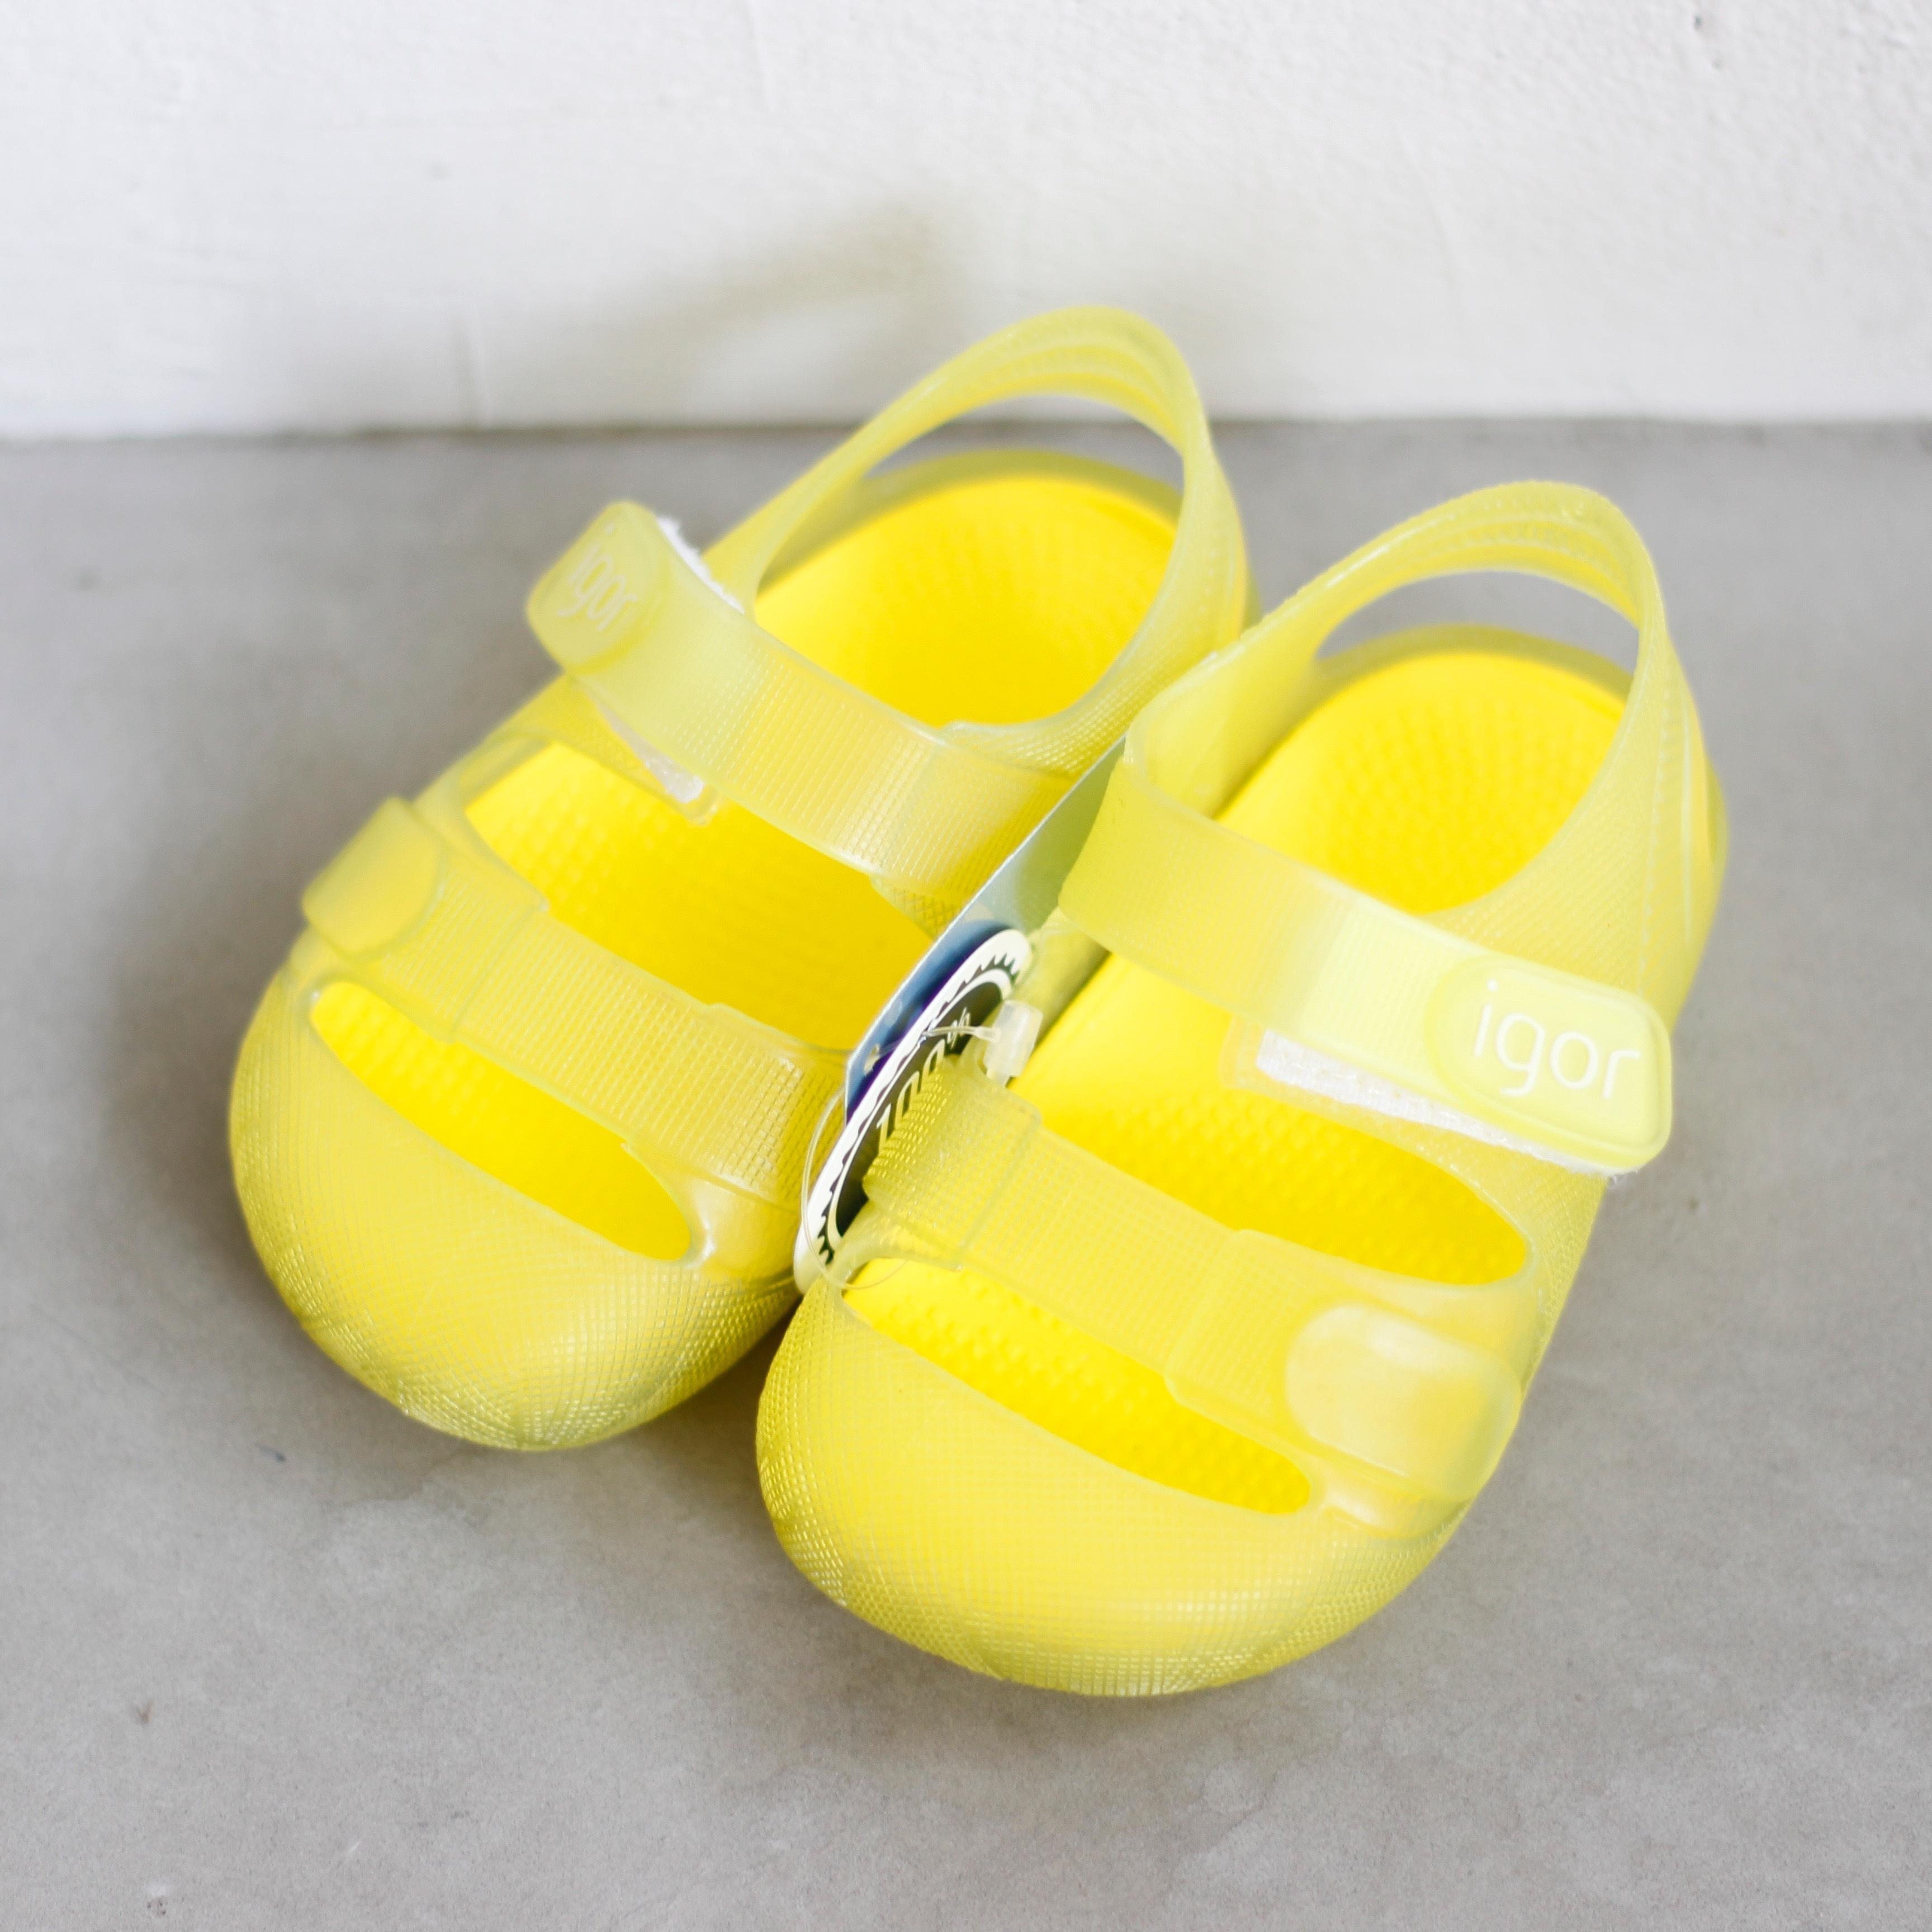 《igor》BONDI / Amarillo(yellow) / 16.5cm・17cm